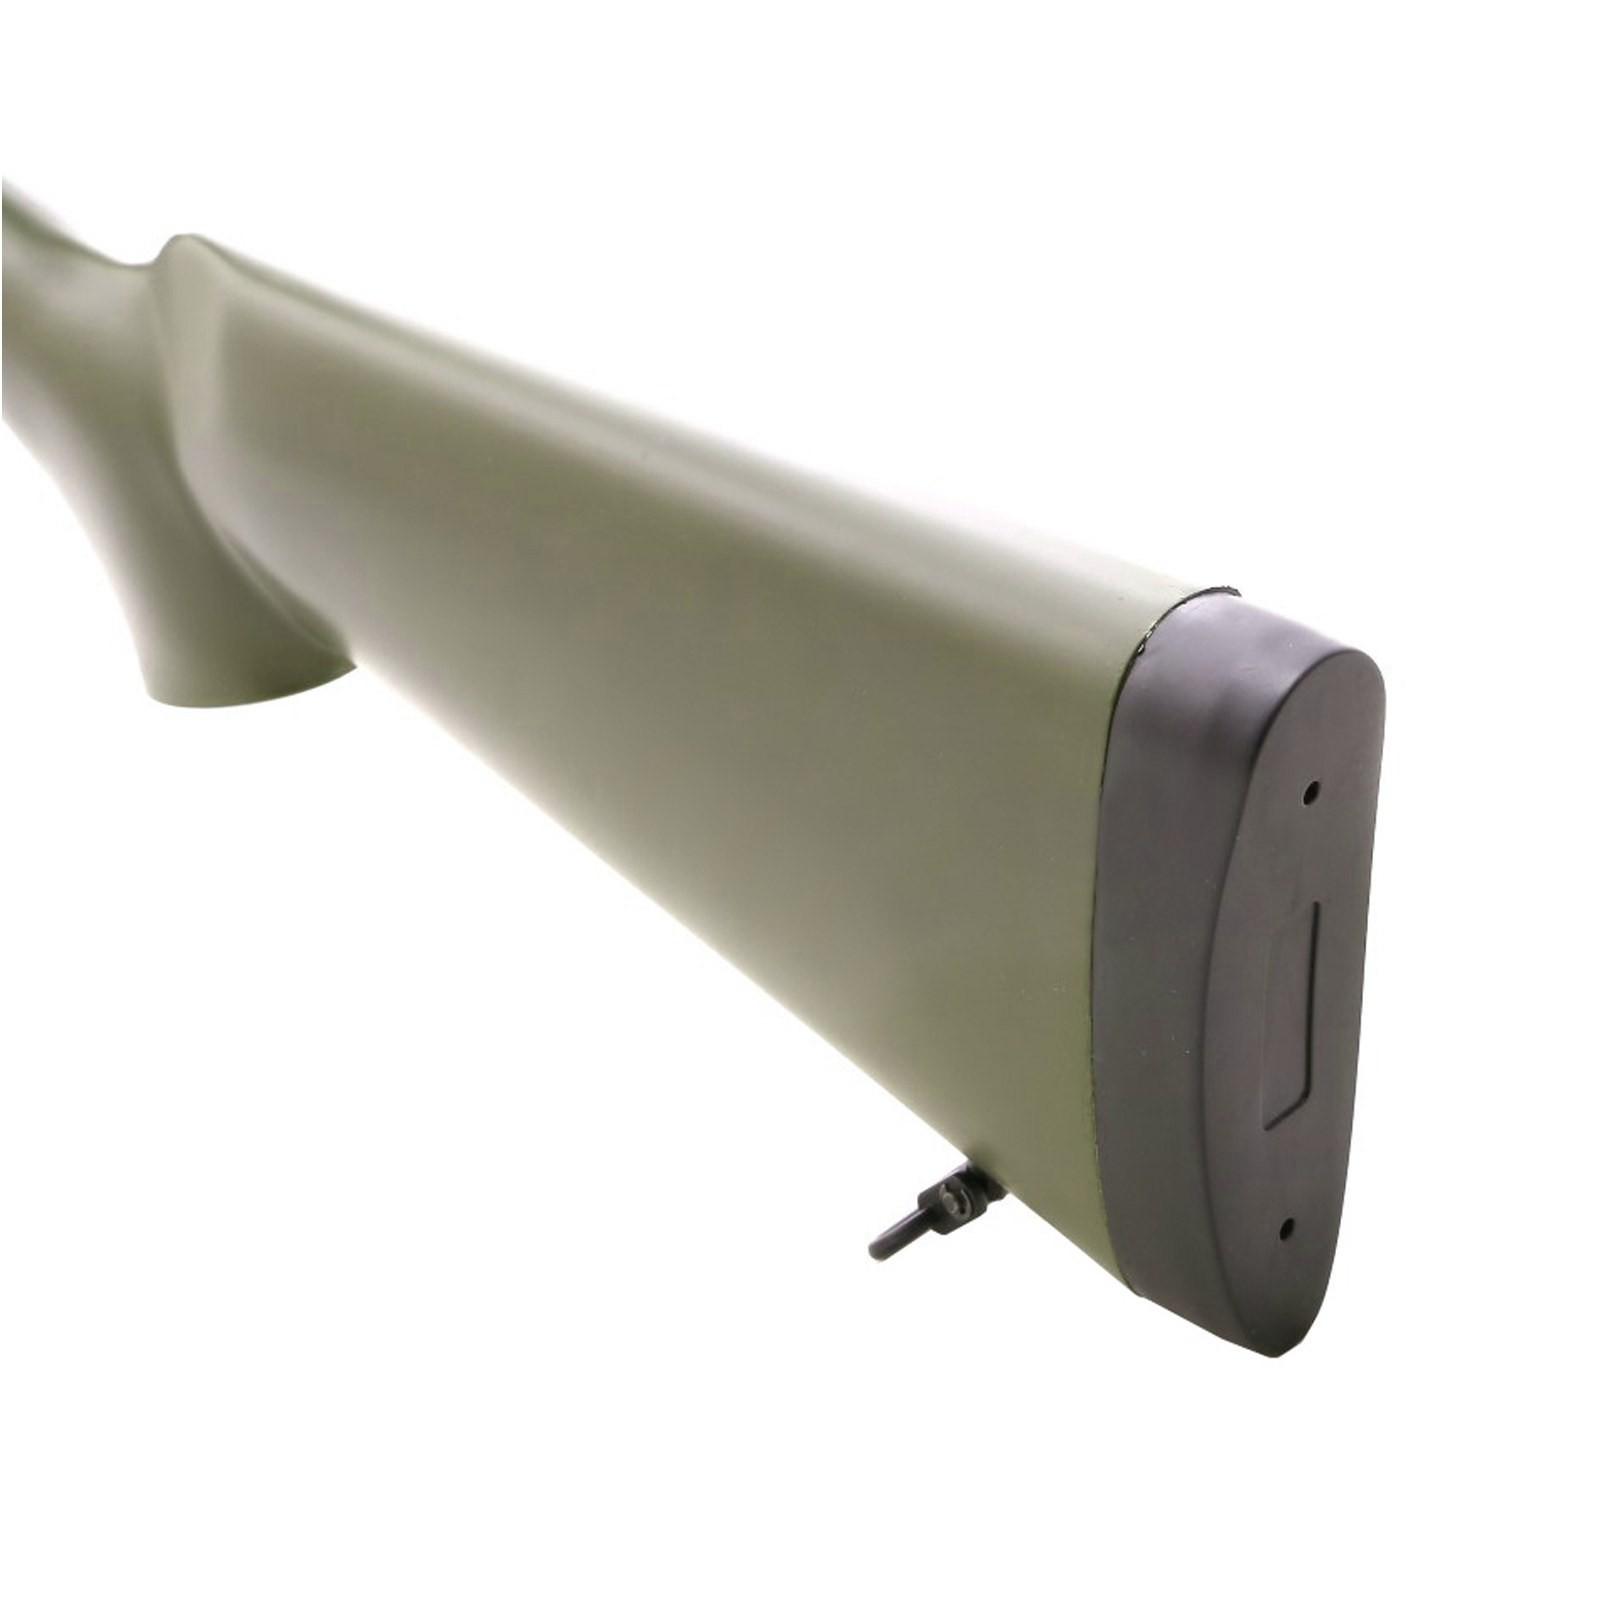 Fucile a Molla MB03 Sniper Abs Canna in Metallo da Cecchino con Ottica Softair